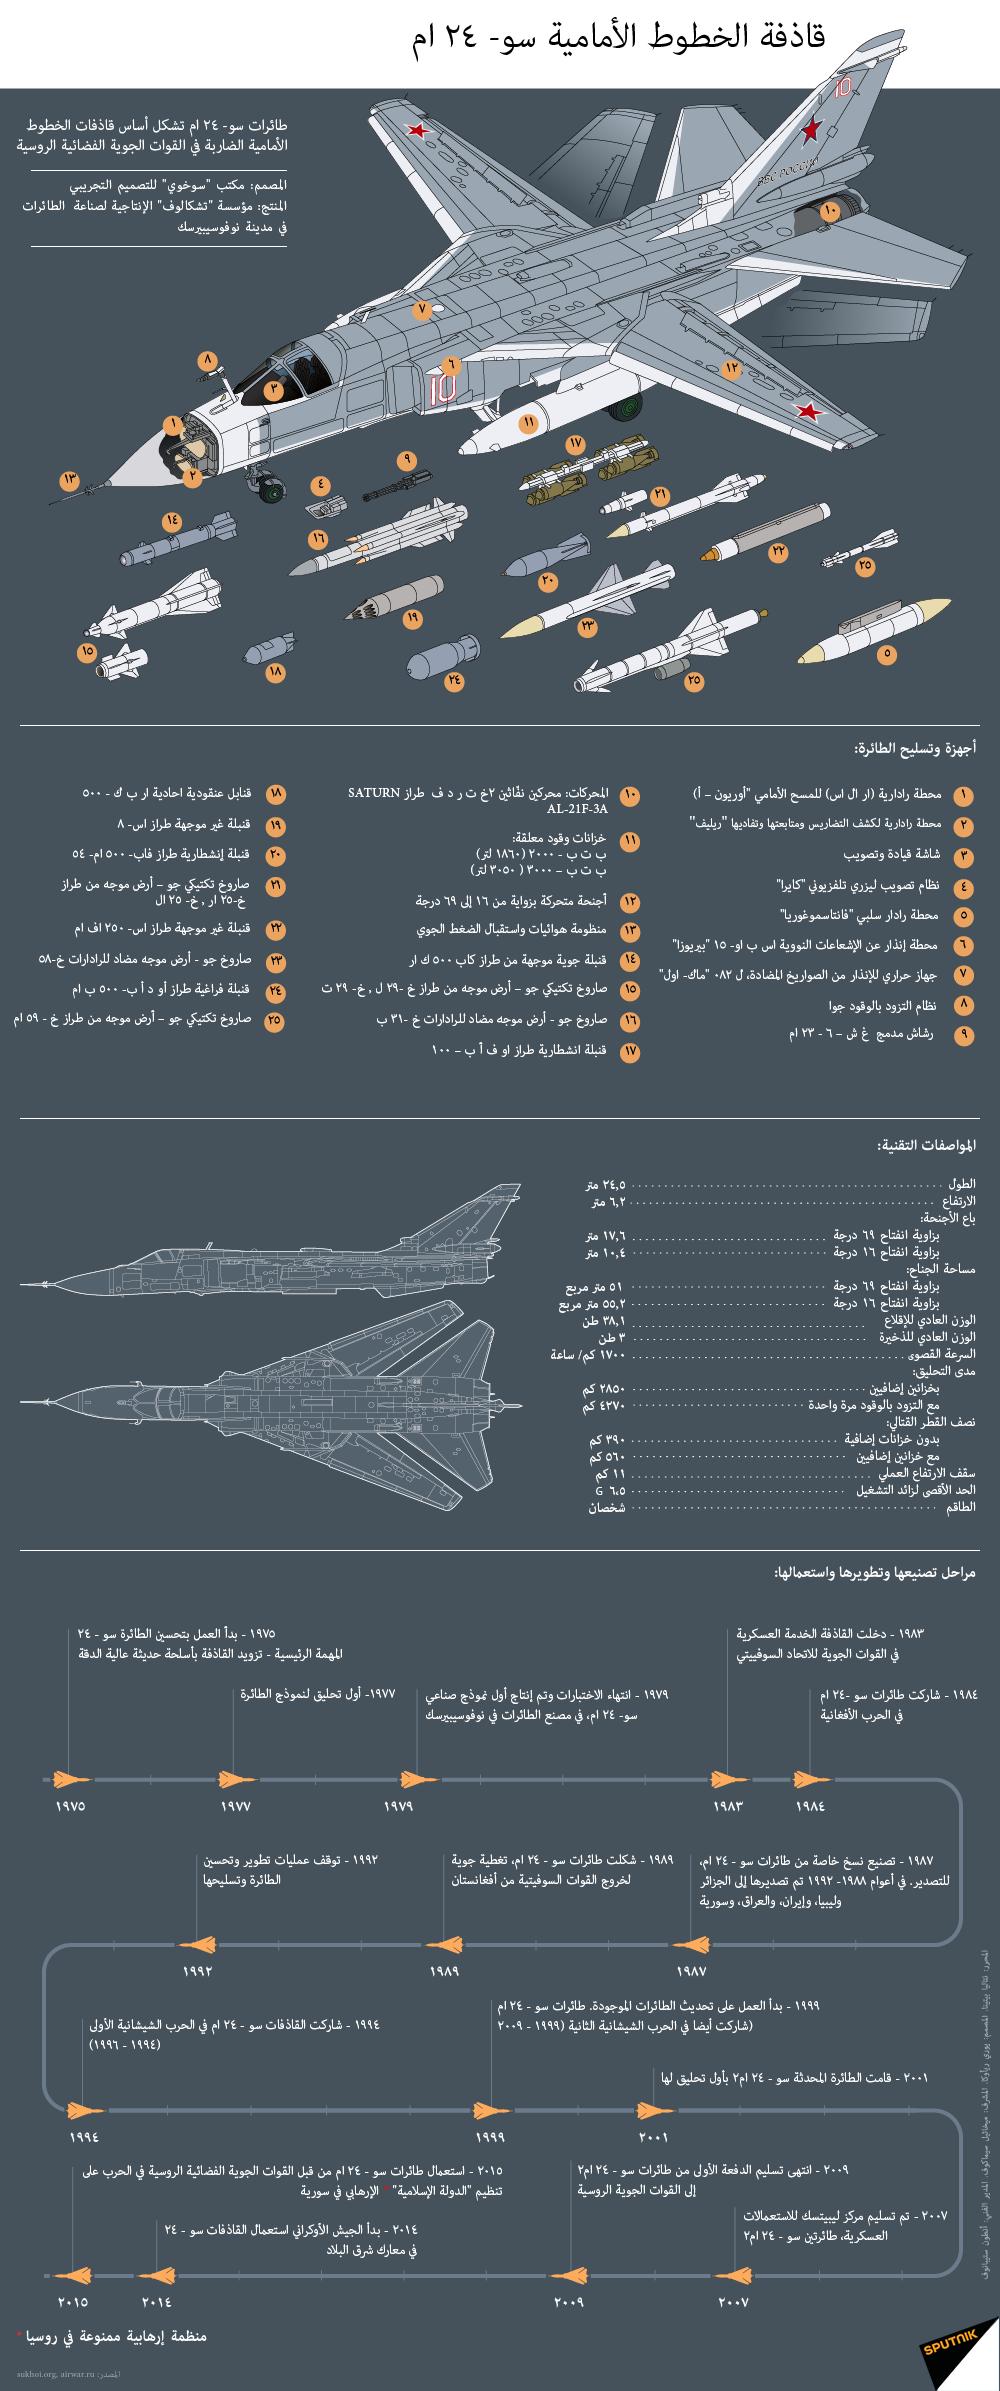 المقاتلات و القاذفات الروسية بالتفصيل 1016491598